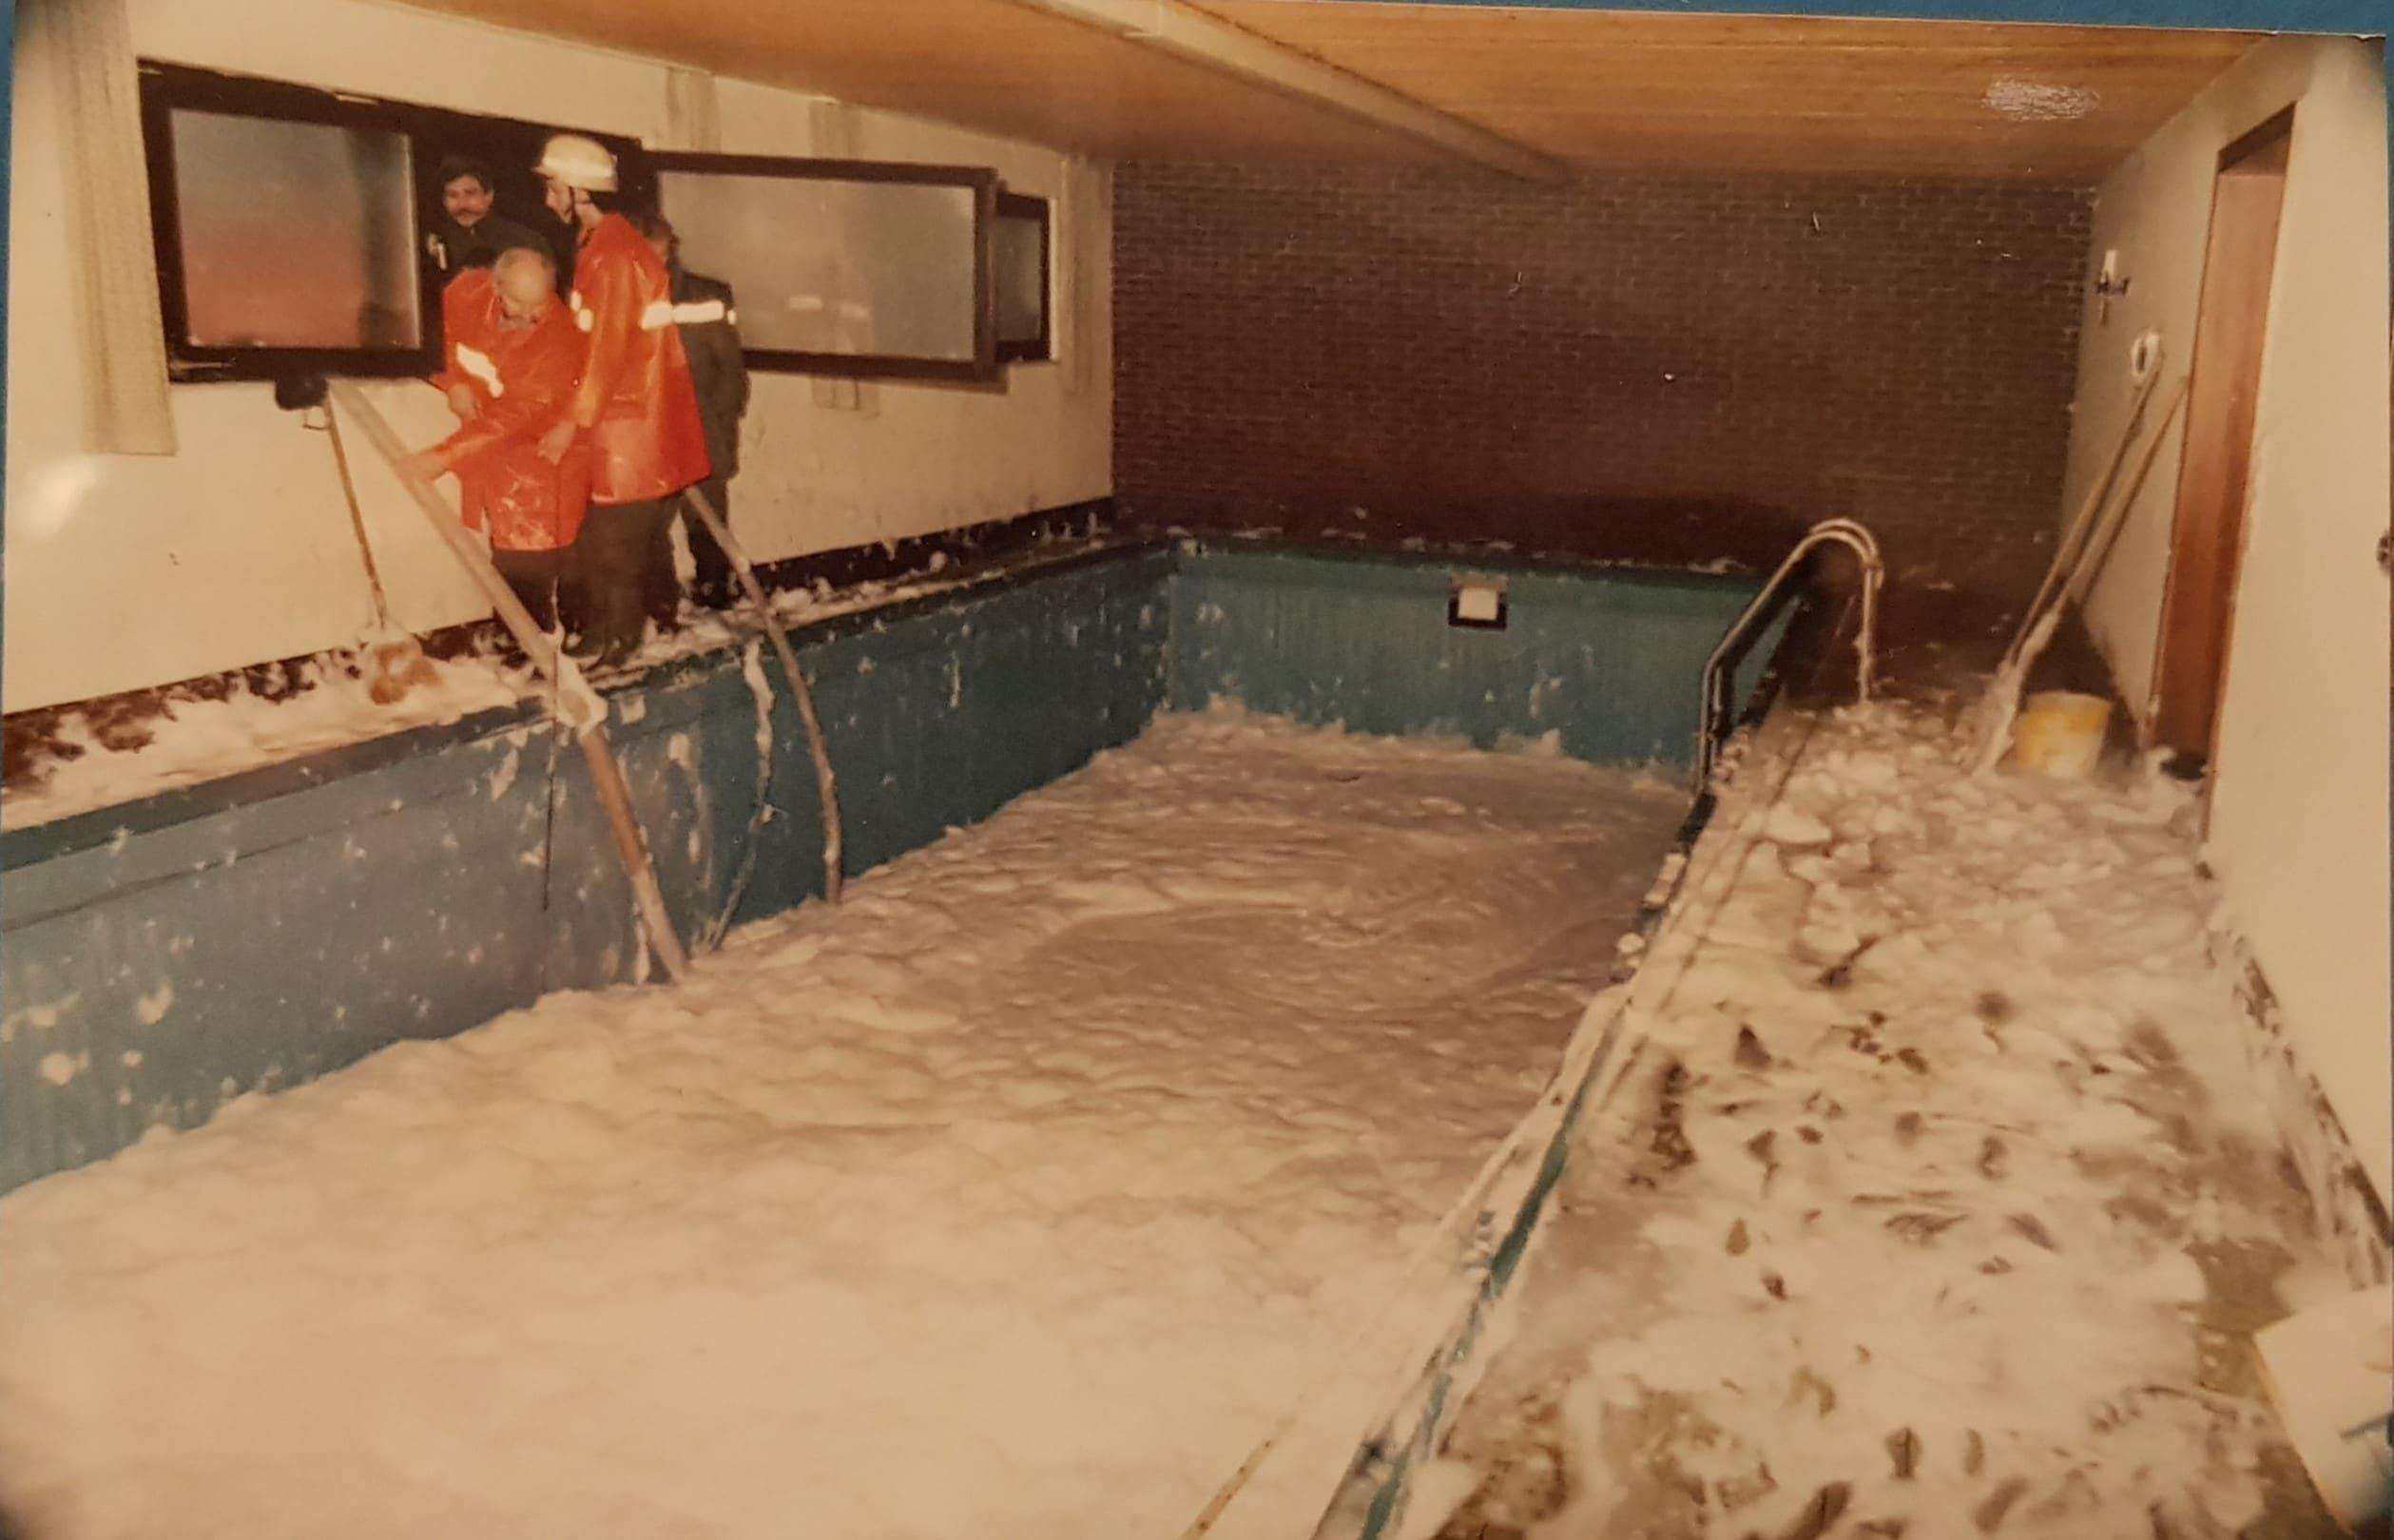 Schwimmbad im Hotel nach dem Brand